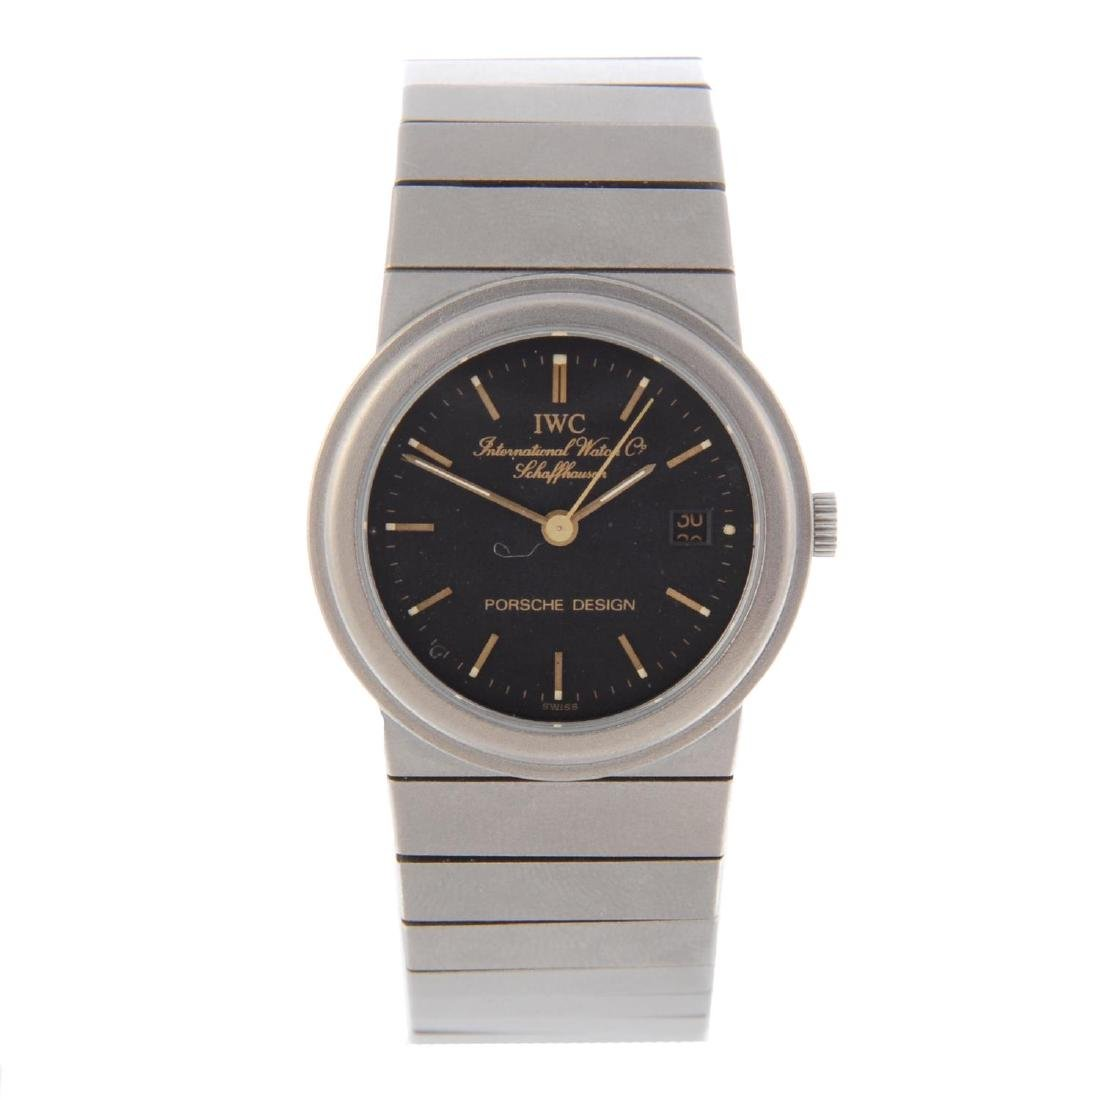 IWC - a lady's Porsche Design bracelet watch. Titanium